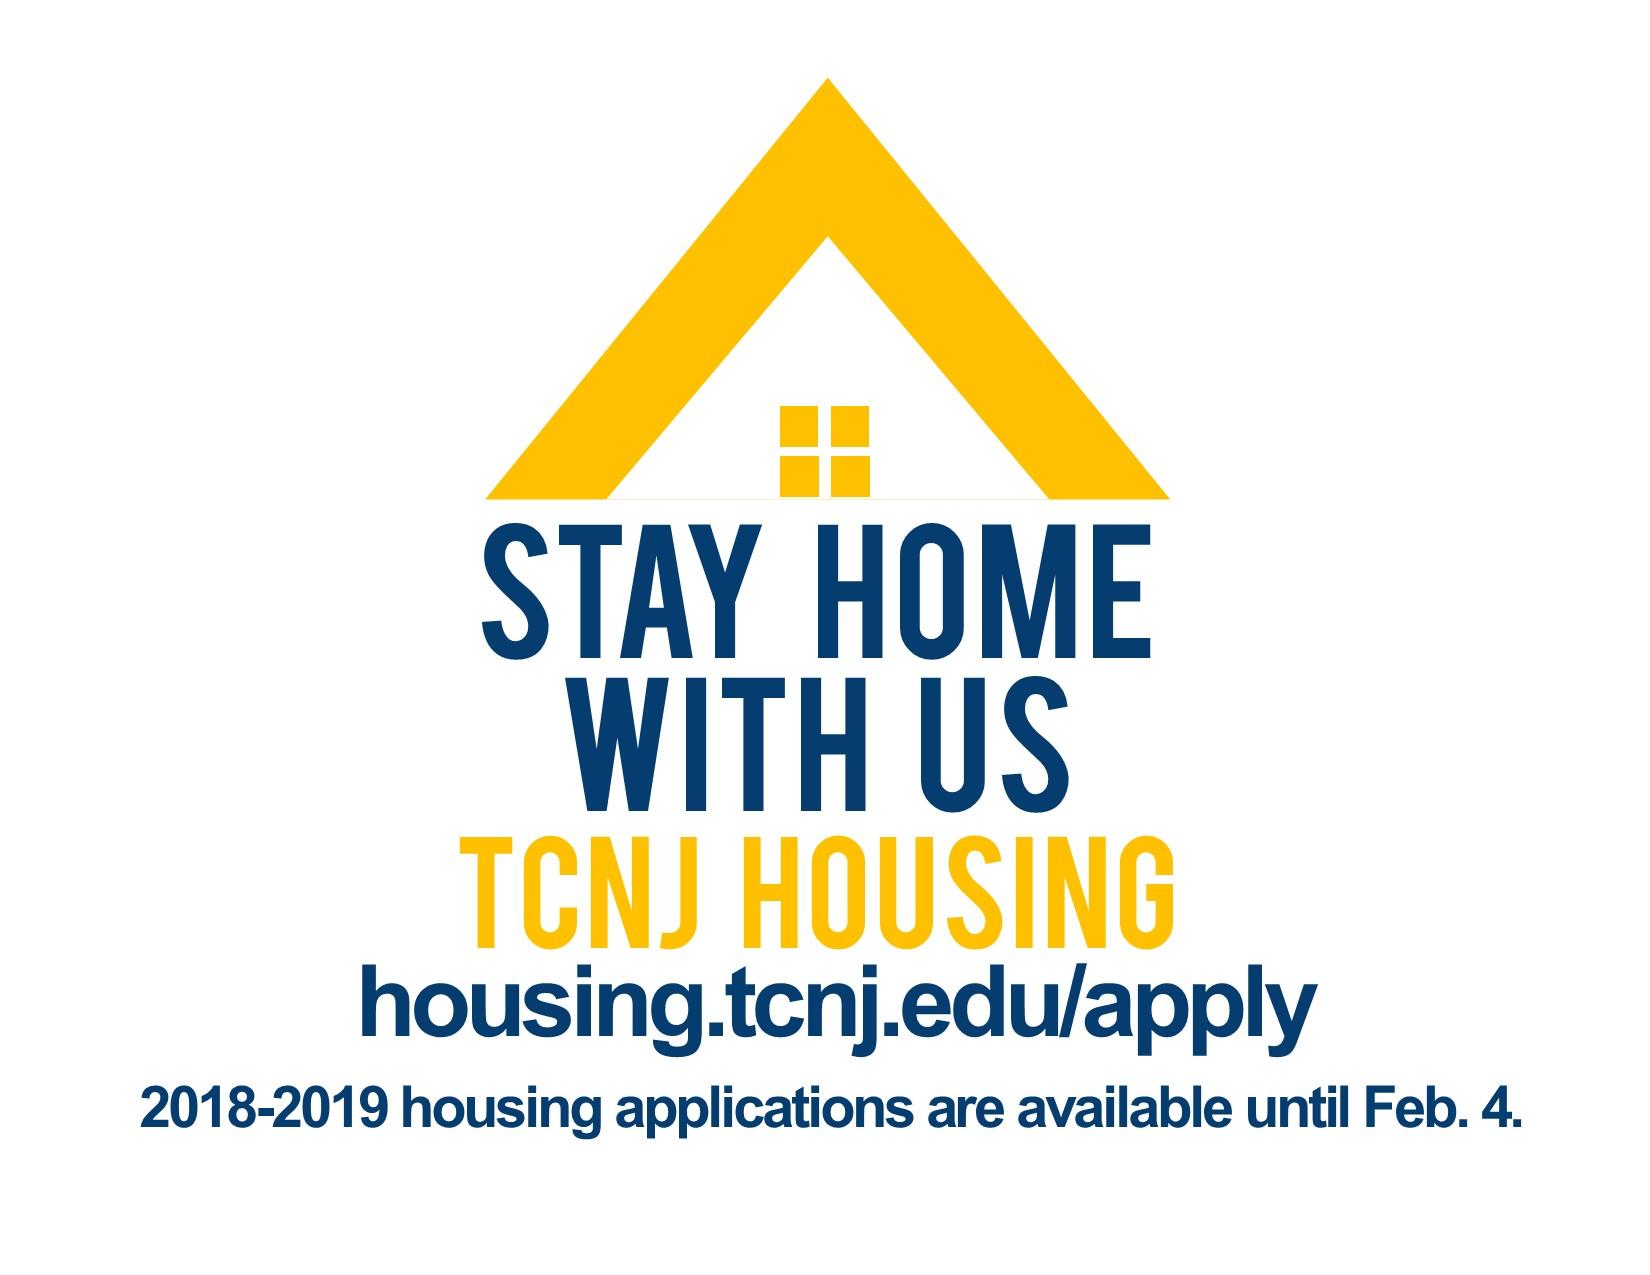 Tcnj housing